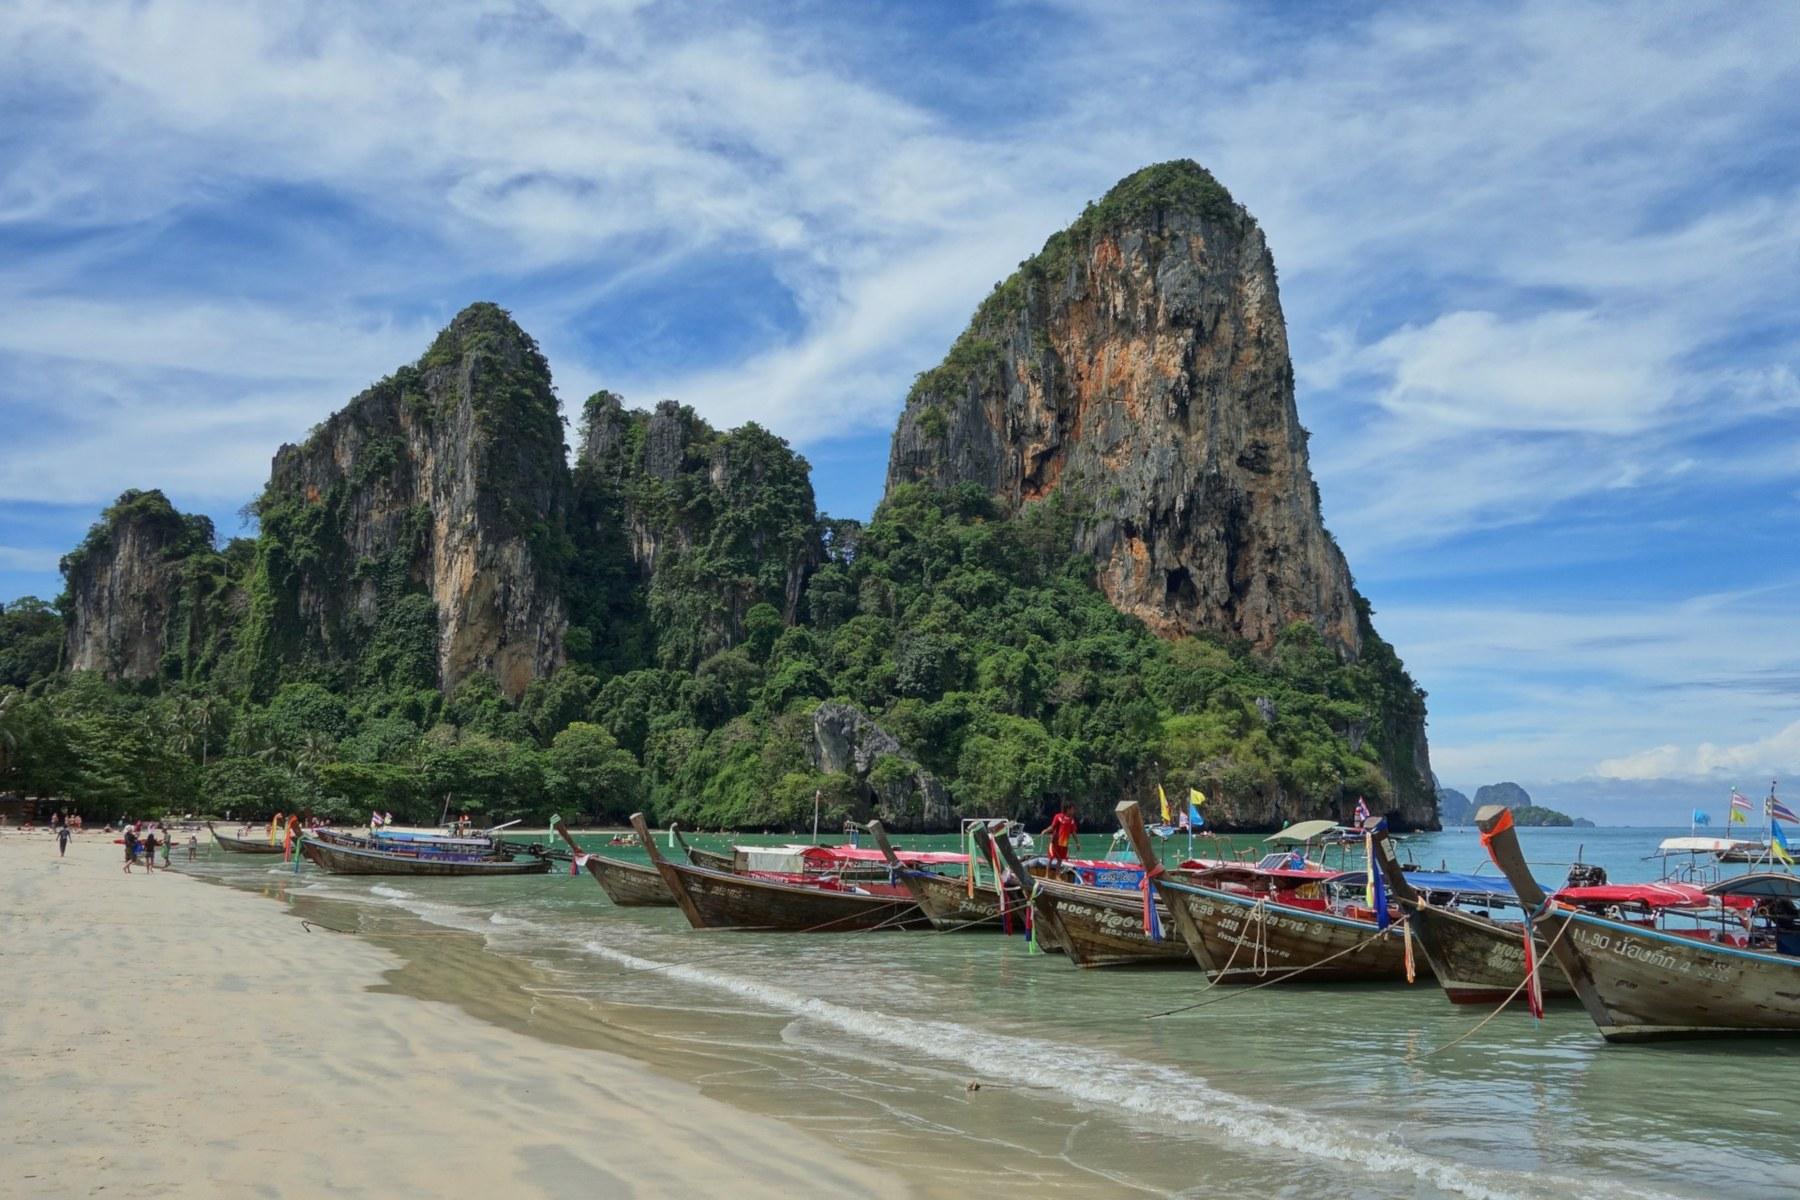 Die Halbinsel Railay zählt zu den spektakulärsten Reisezielen im Süden Thailands und ist nicht über den Landweg zu erreichen.